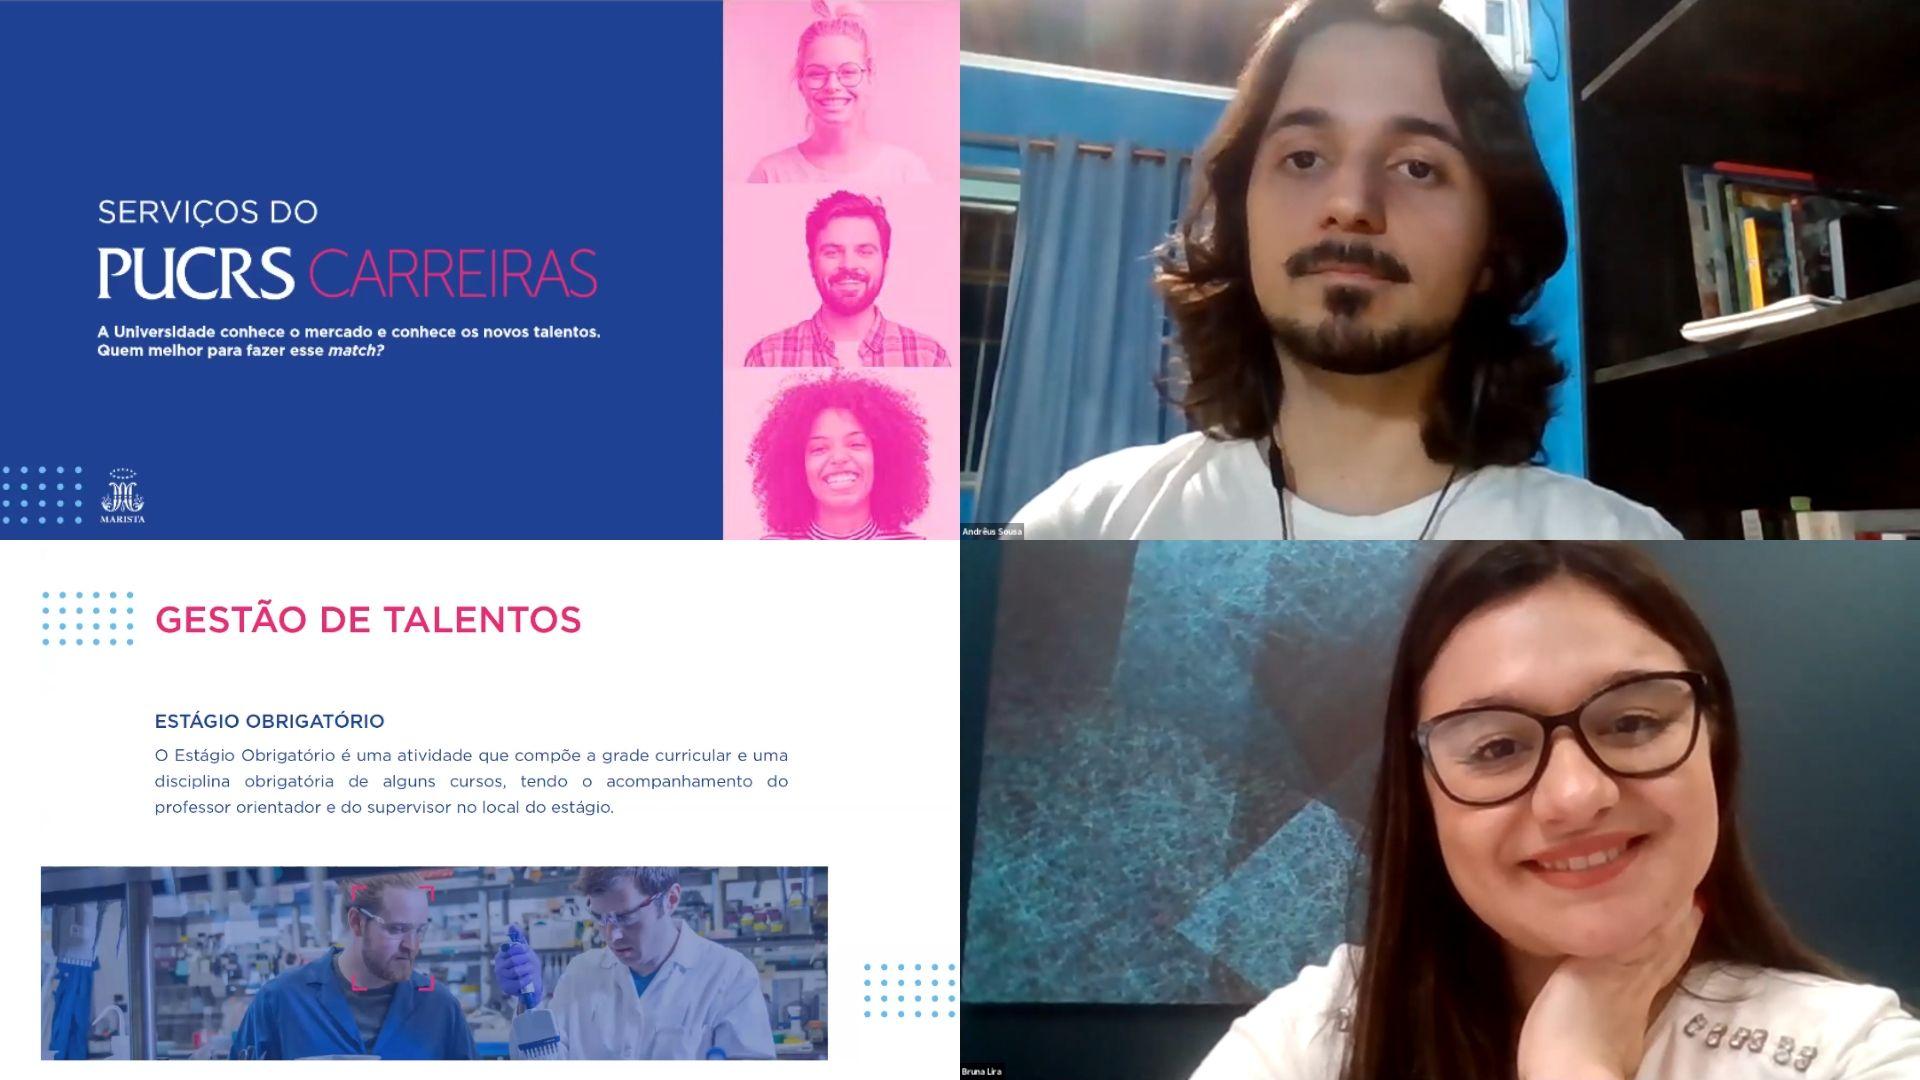 PUCRS Carreiras promove bate-papos online com alunos - Professores podem organizar conversas com os consultores para as suas turmas